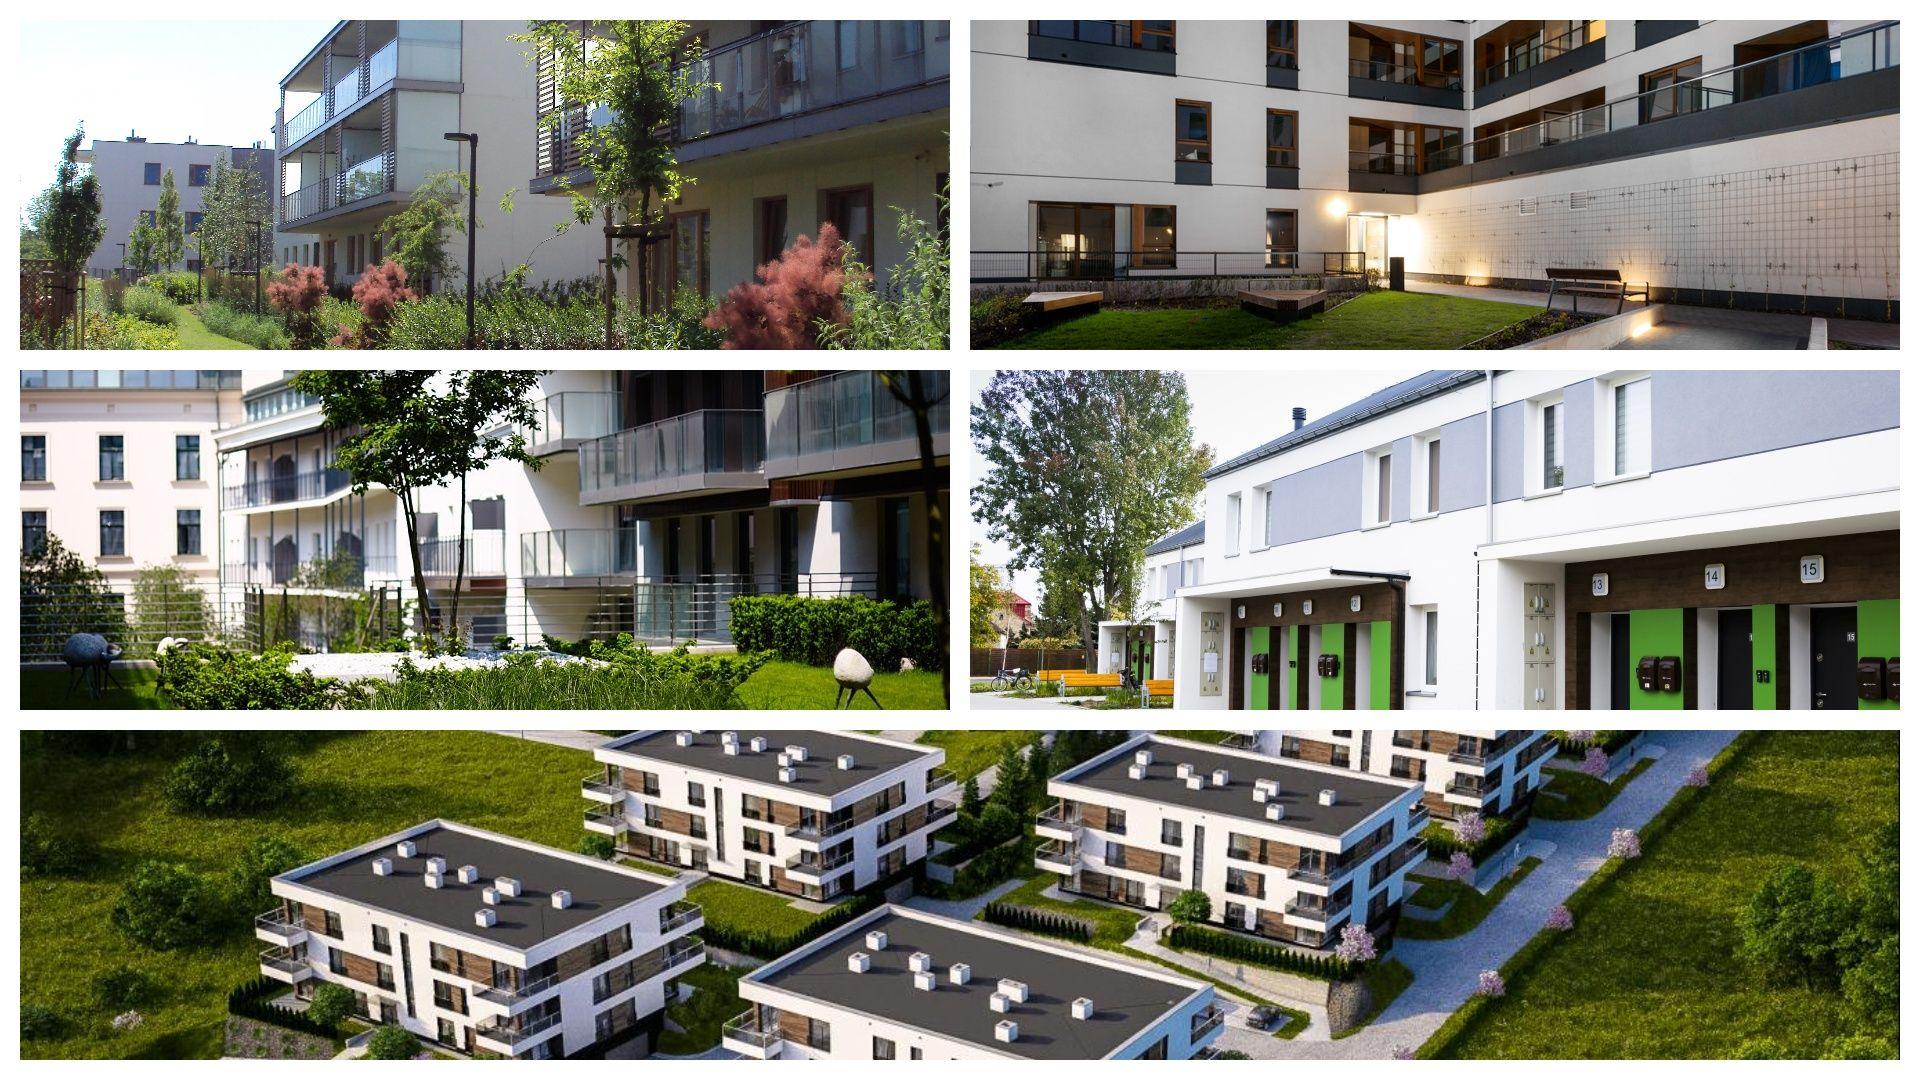 Zagłosuj na najbardziej zrównoważony budynek wielorodzinny w Polsce!